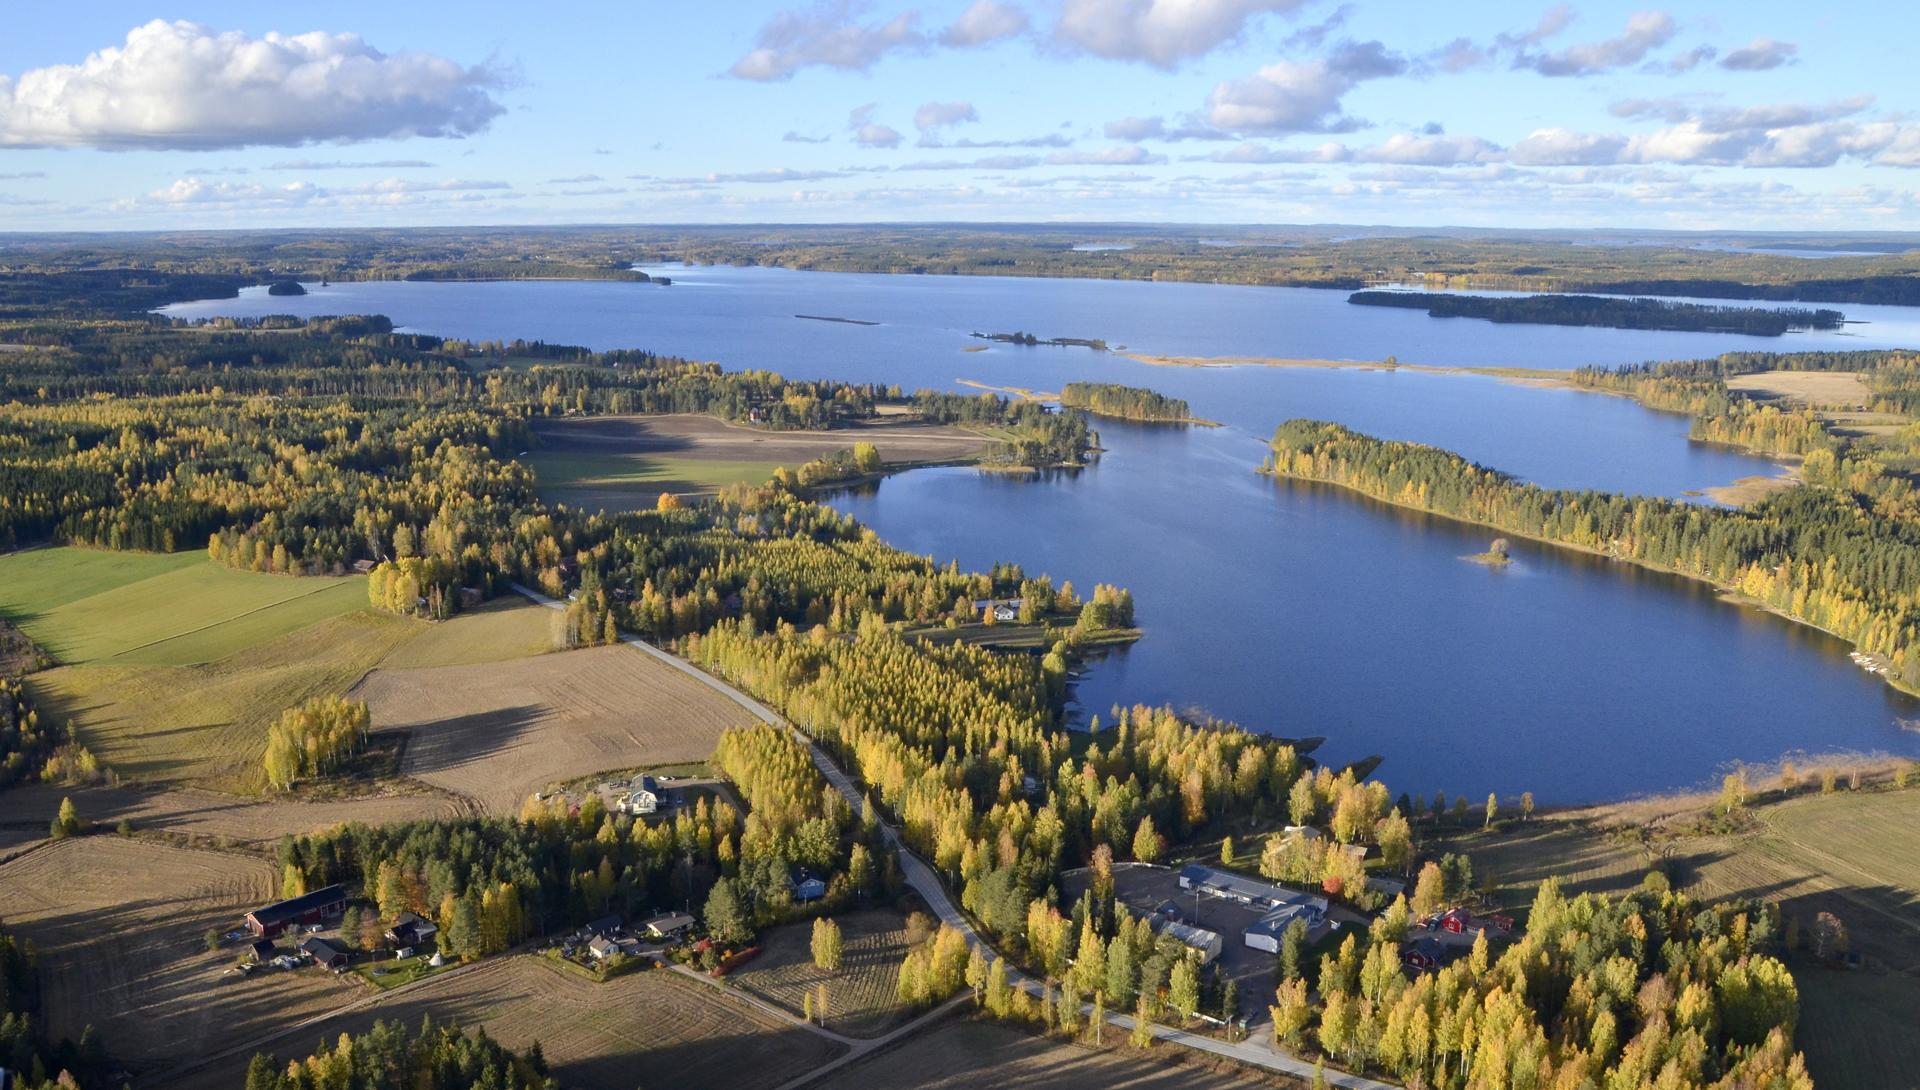 Toinen lento 7.10 suuntautui Lannevedelle jossa suunnistetaan vuoden 2020 Suomenmestaruuksista. Taustalla Summasjärvi.